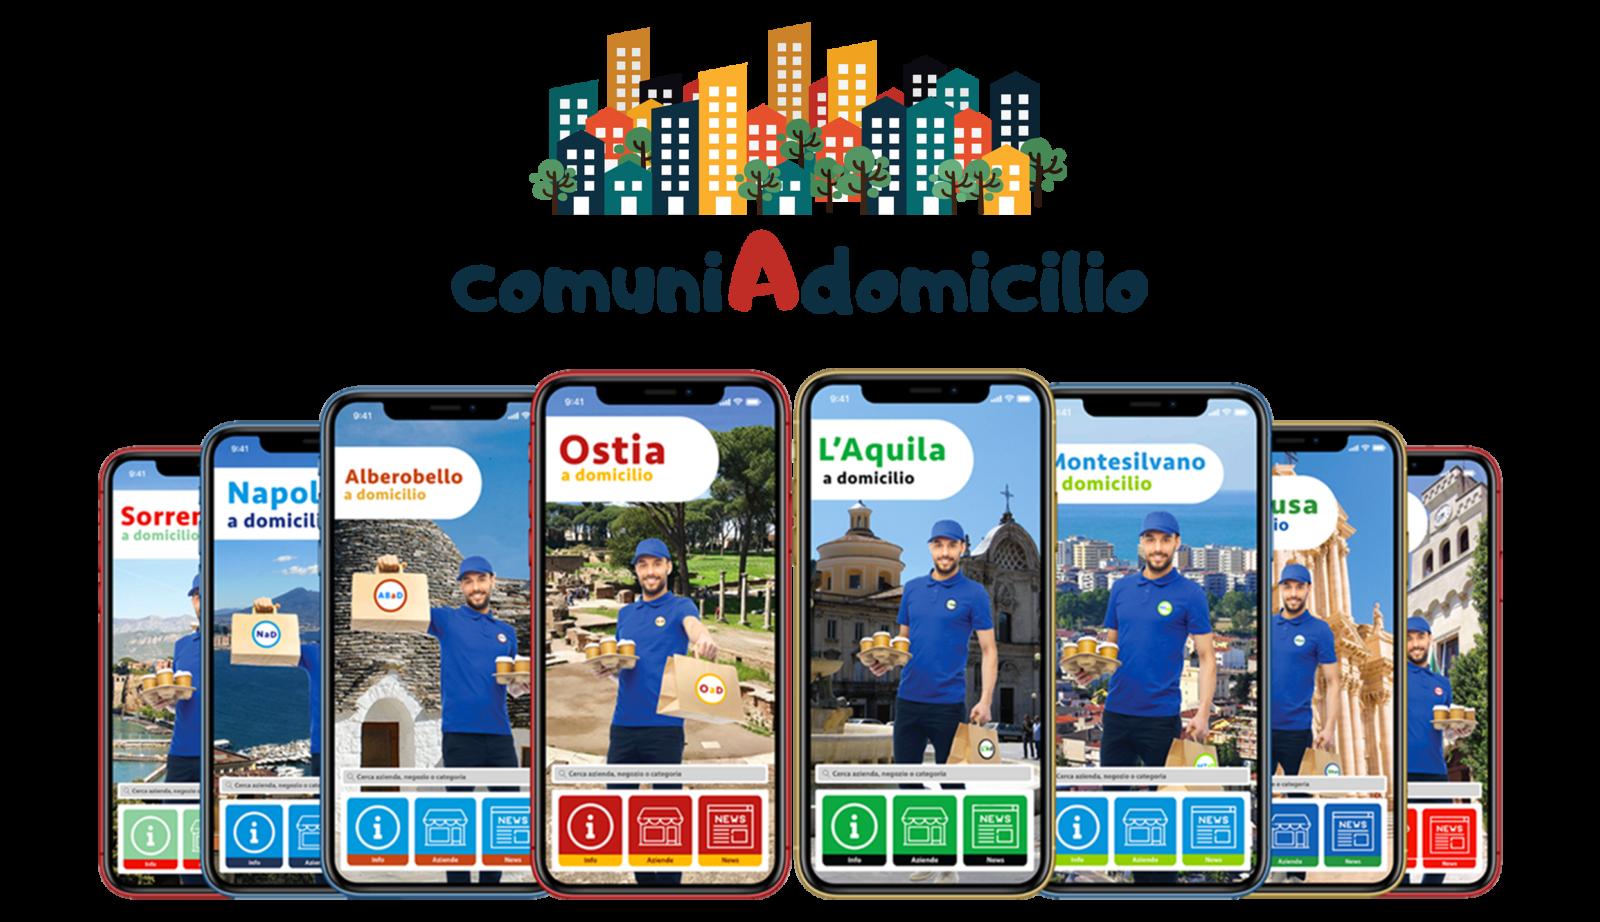 franchising-comuniadomicilio-servizi-consegne-domicilio-app-shopping